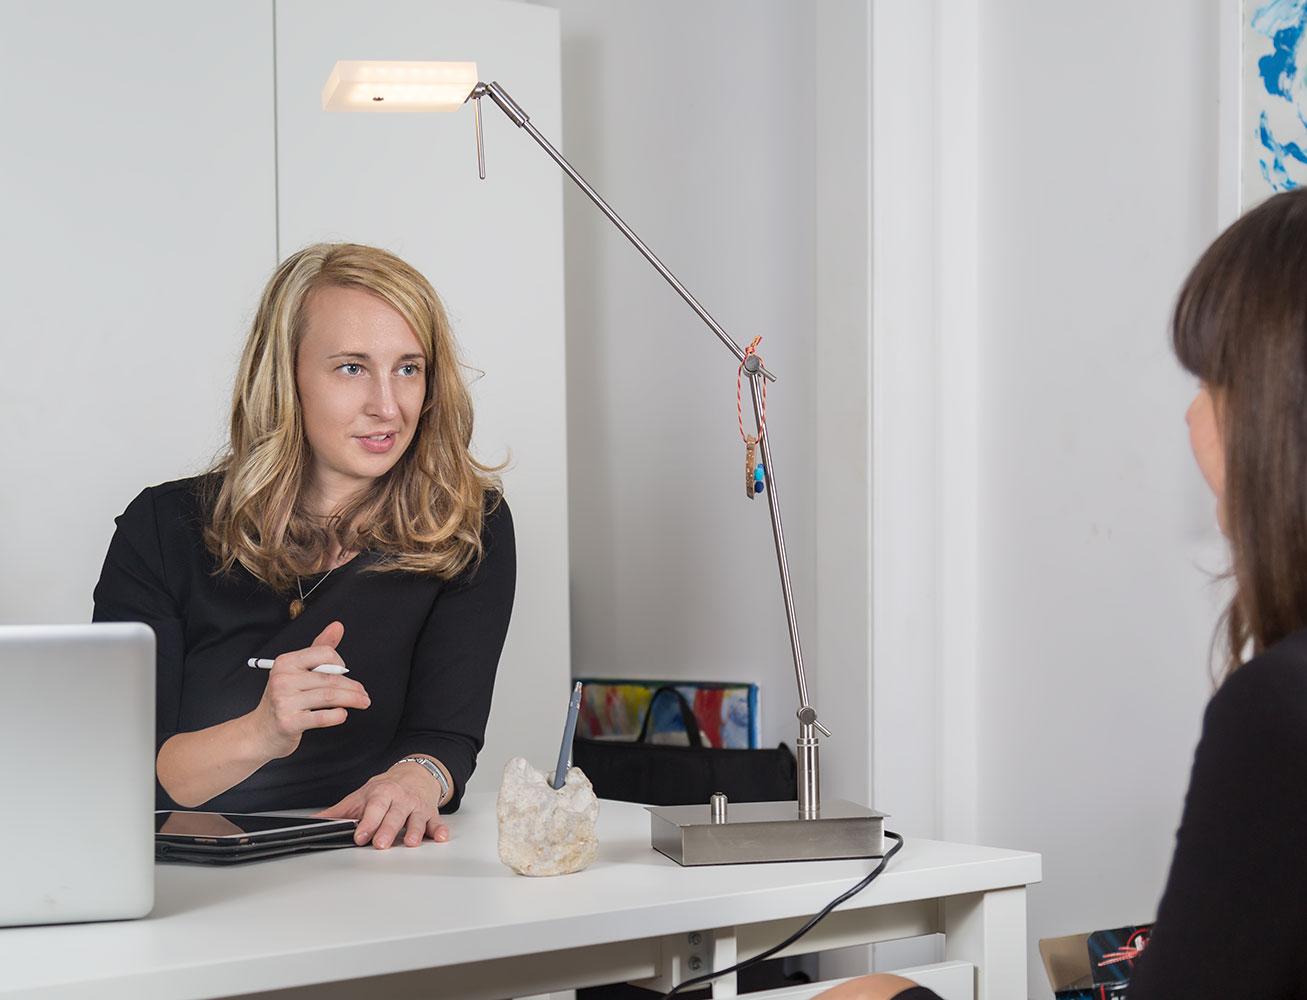 Silke Kirchner, Heilpraktikerin in Magdeburg bei der Ernährungsberatung